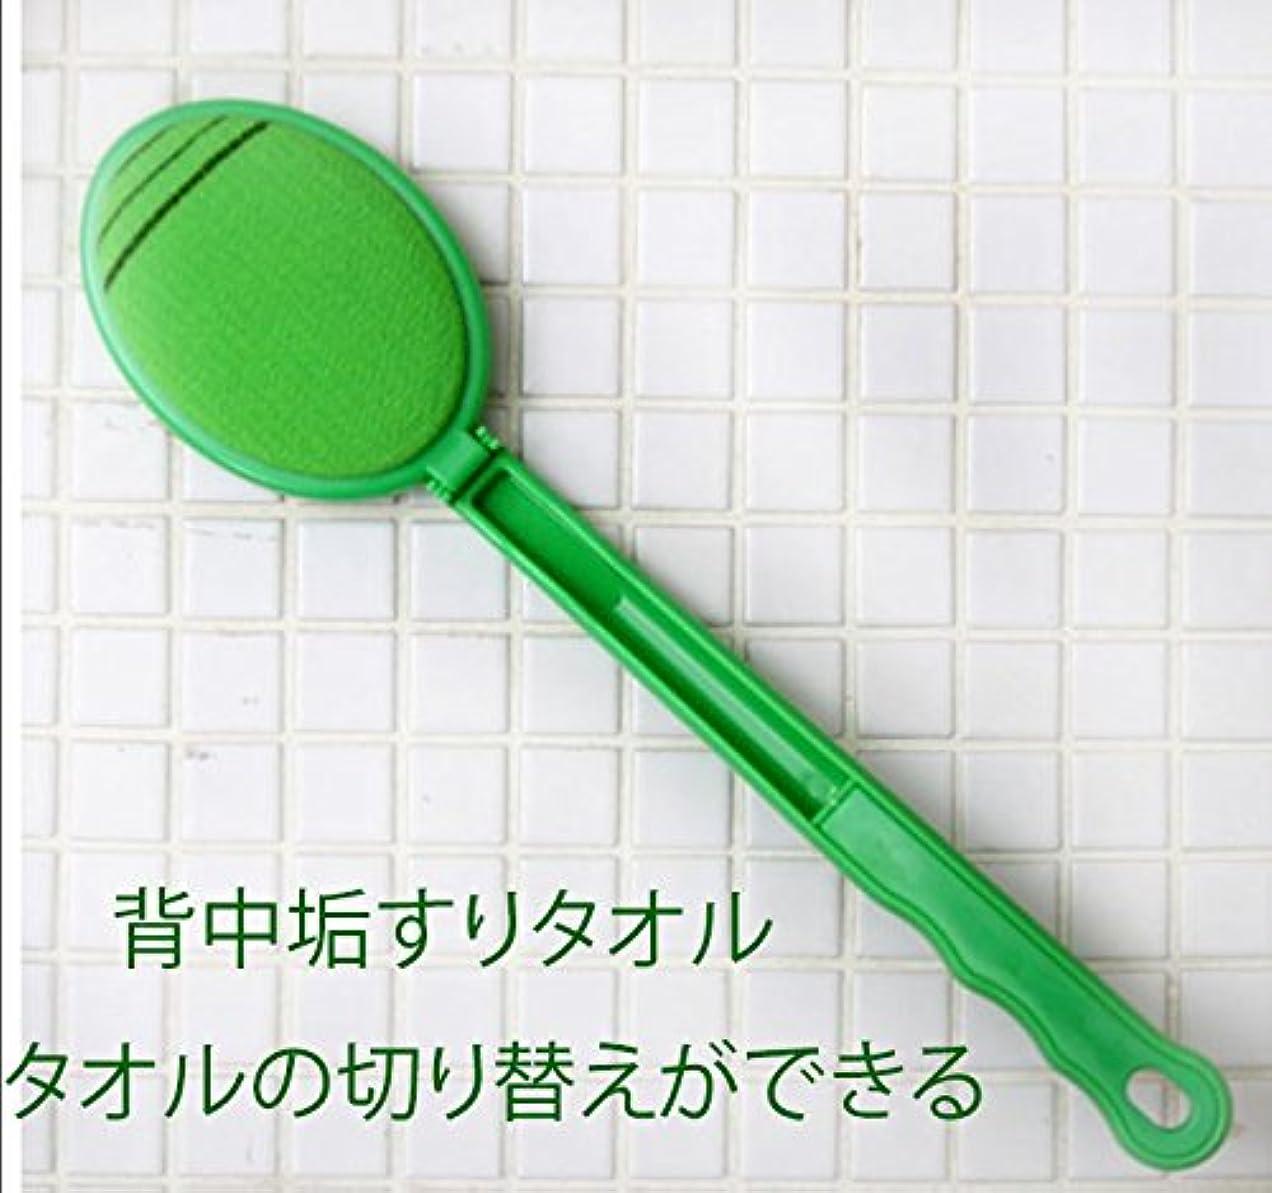 シルク正しい兵器庫アカスリタオルが簡単に切り替えができる、背中のアカスリタオル棒